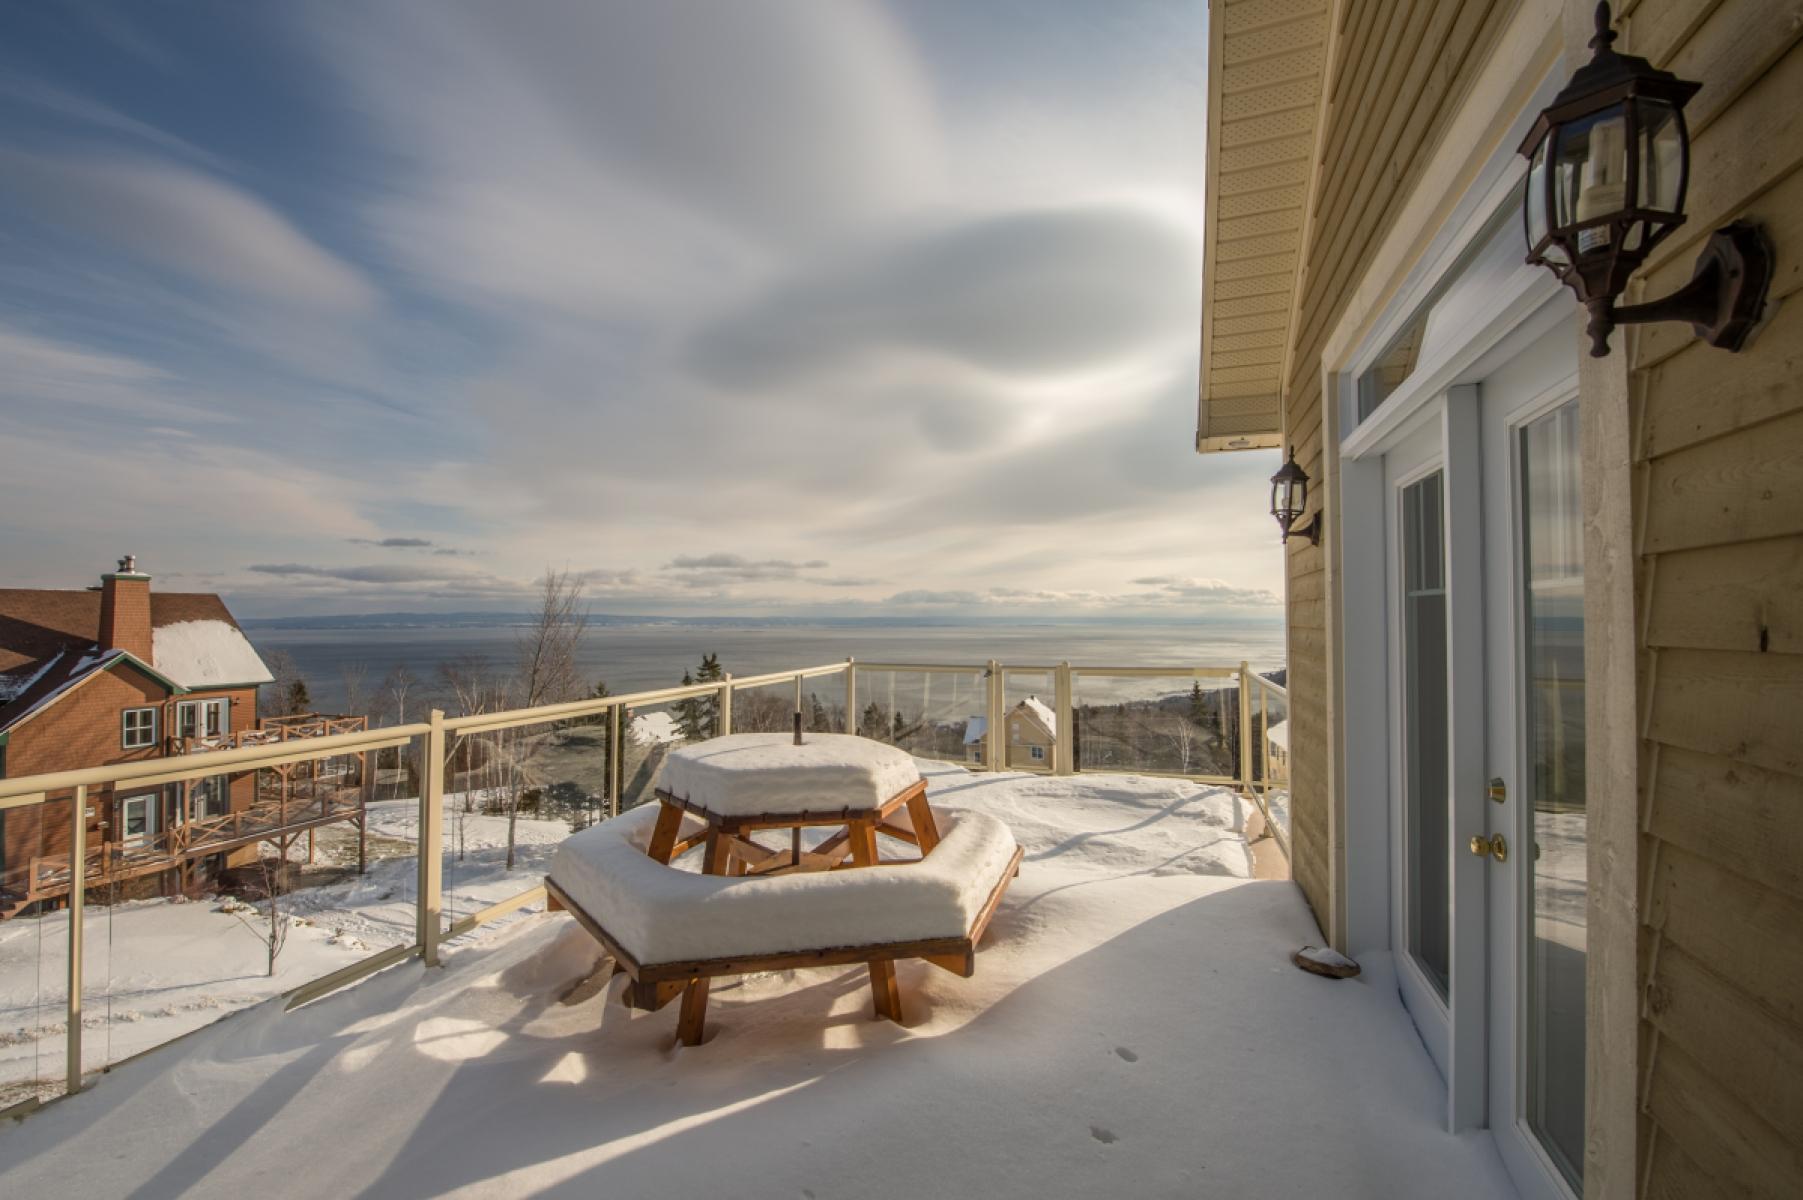 ski cottages lestran st en entrance view rentals lawrence rental chalets cottage estran upstairs chalet charlevoix l